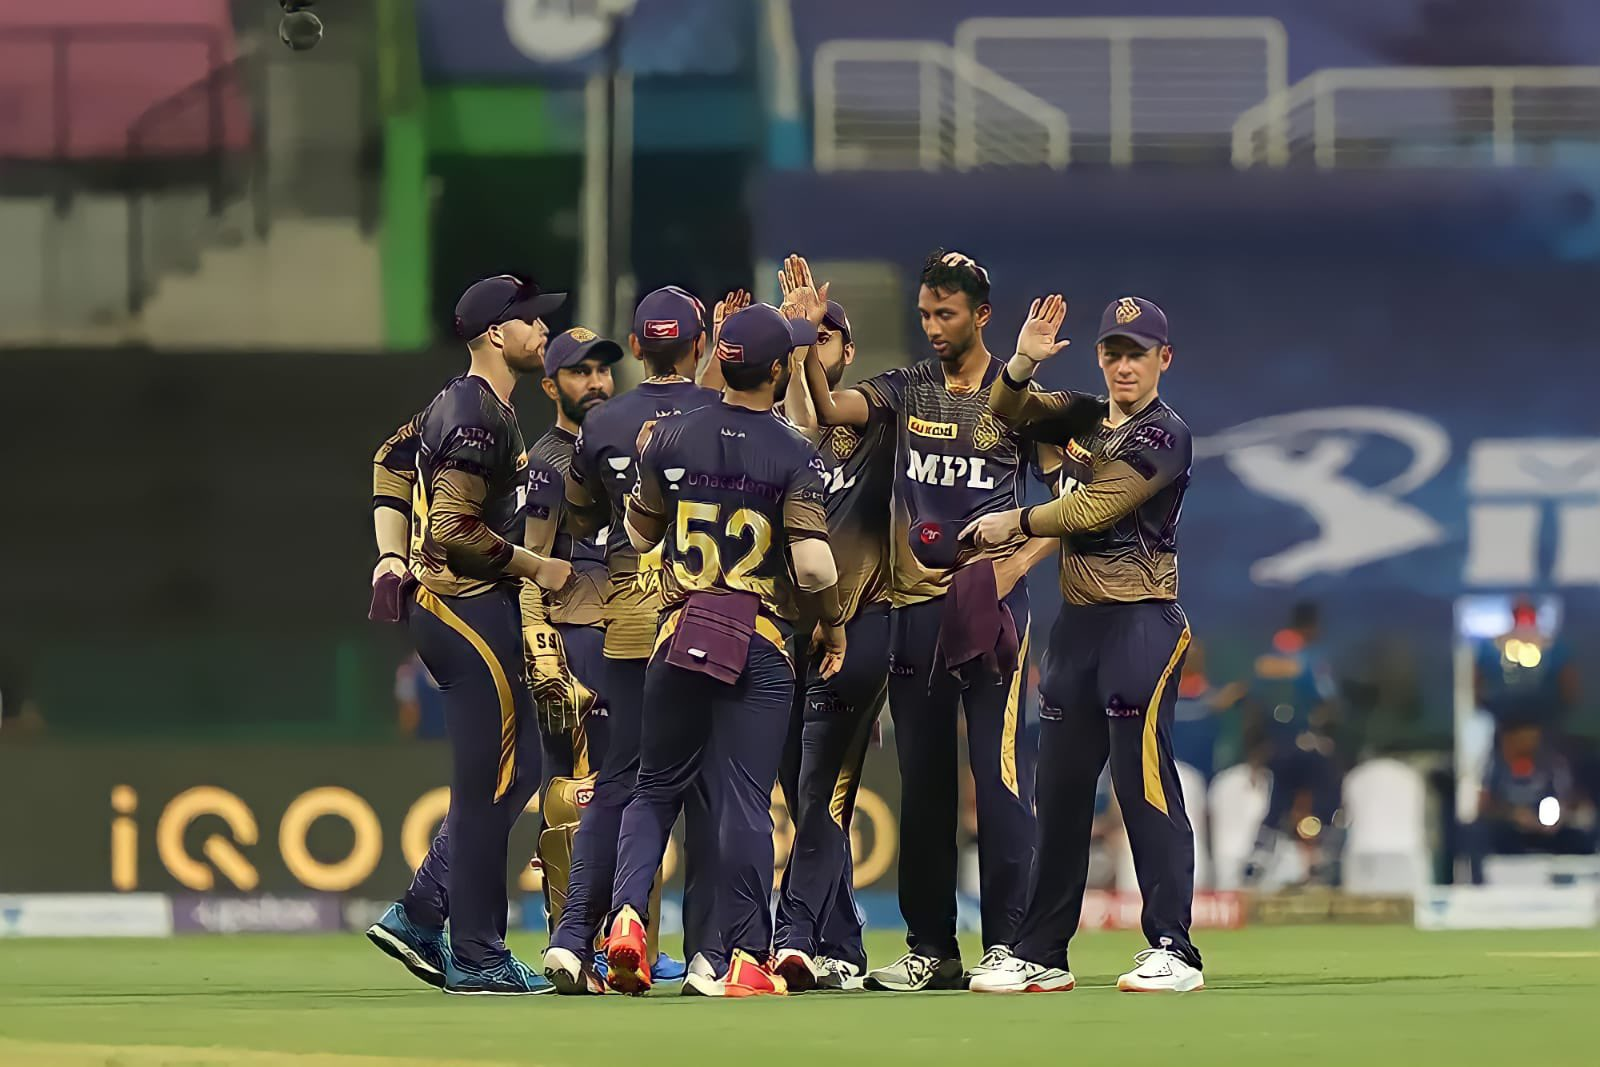 IPL 2021 Final: আইপিএলের ফাইনালে চেন্নাইয়ের বিরুদ্ধে এই সুপারস্টারকে ফিরিয়ে আনতে চলেছে কলকাতা নাইট রাইডার্স 3